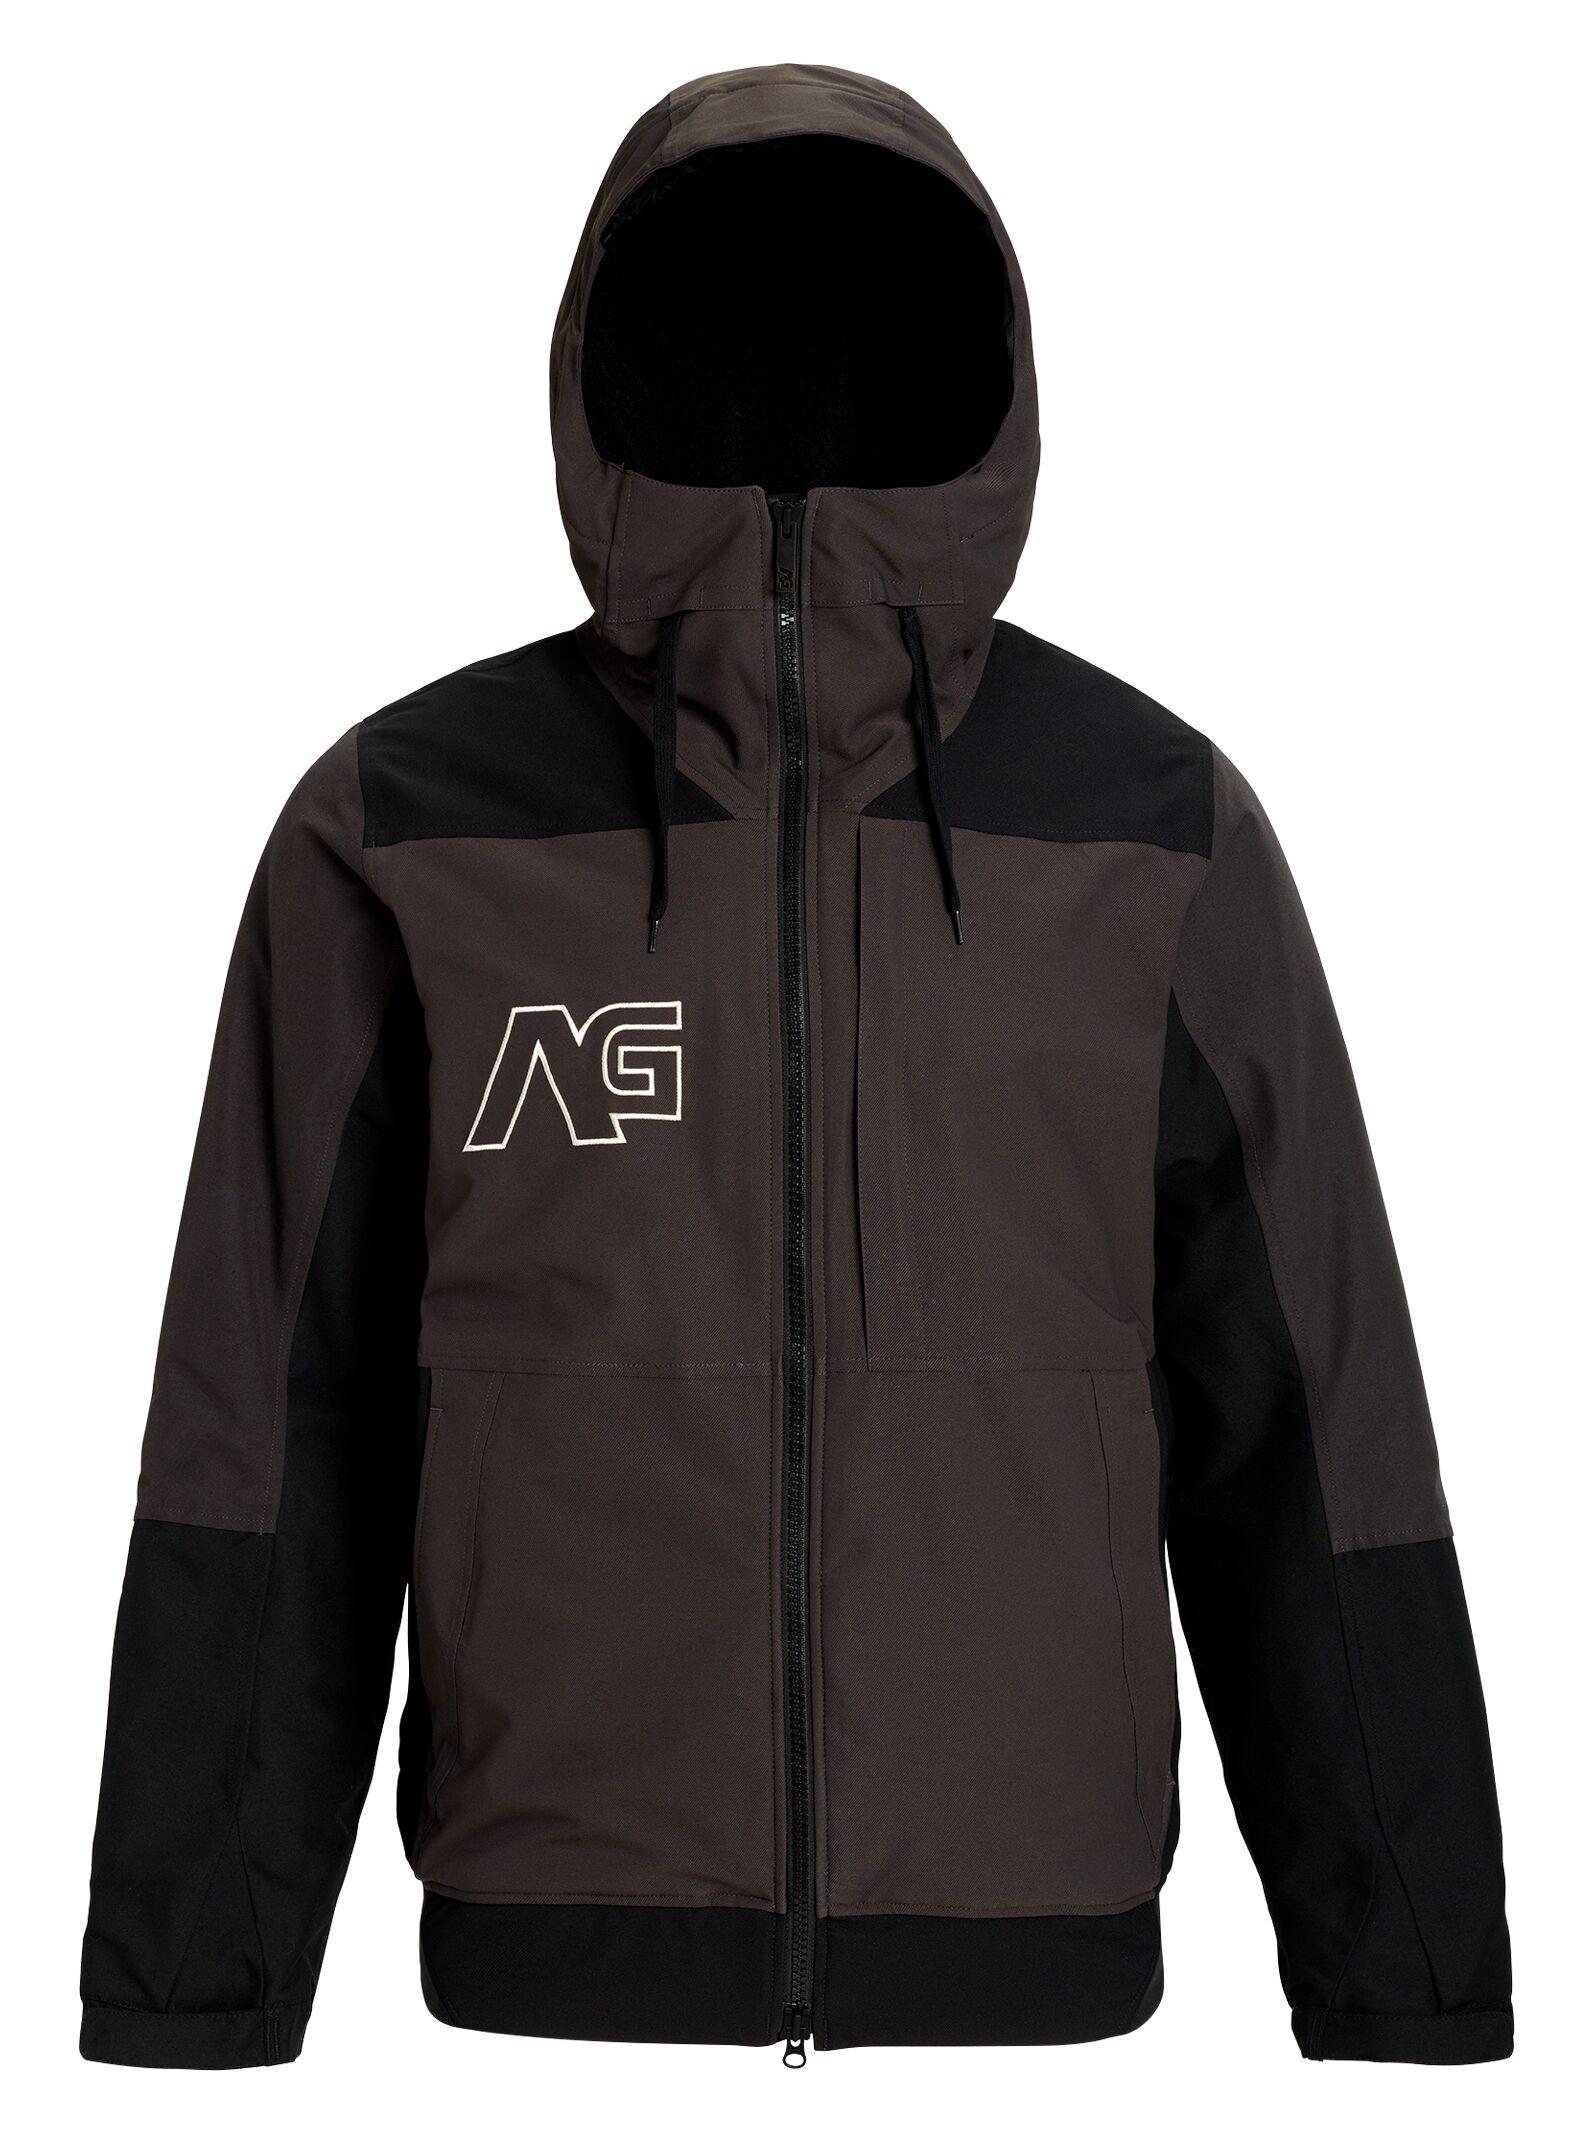 Analog M Ag Greed Jacket 2020